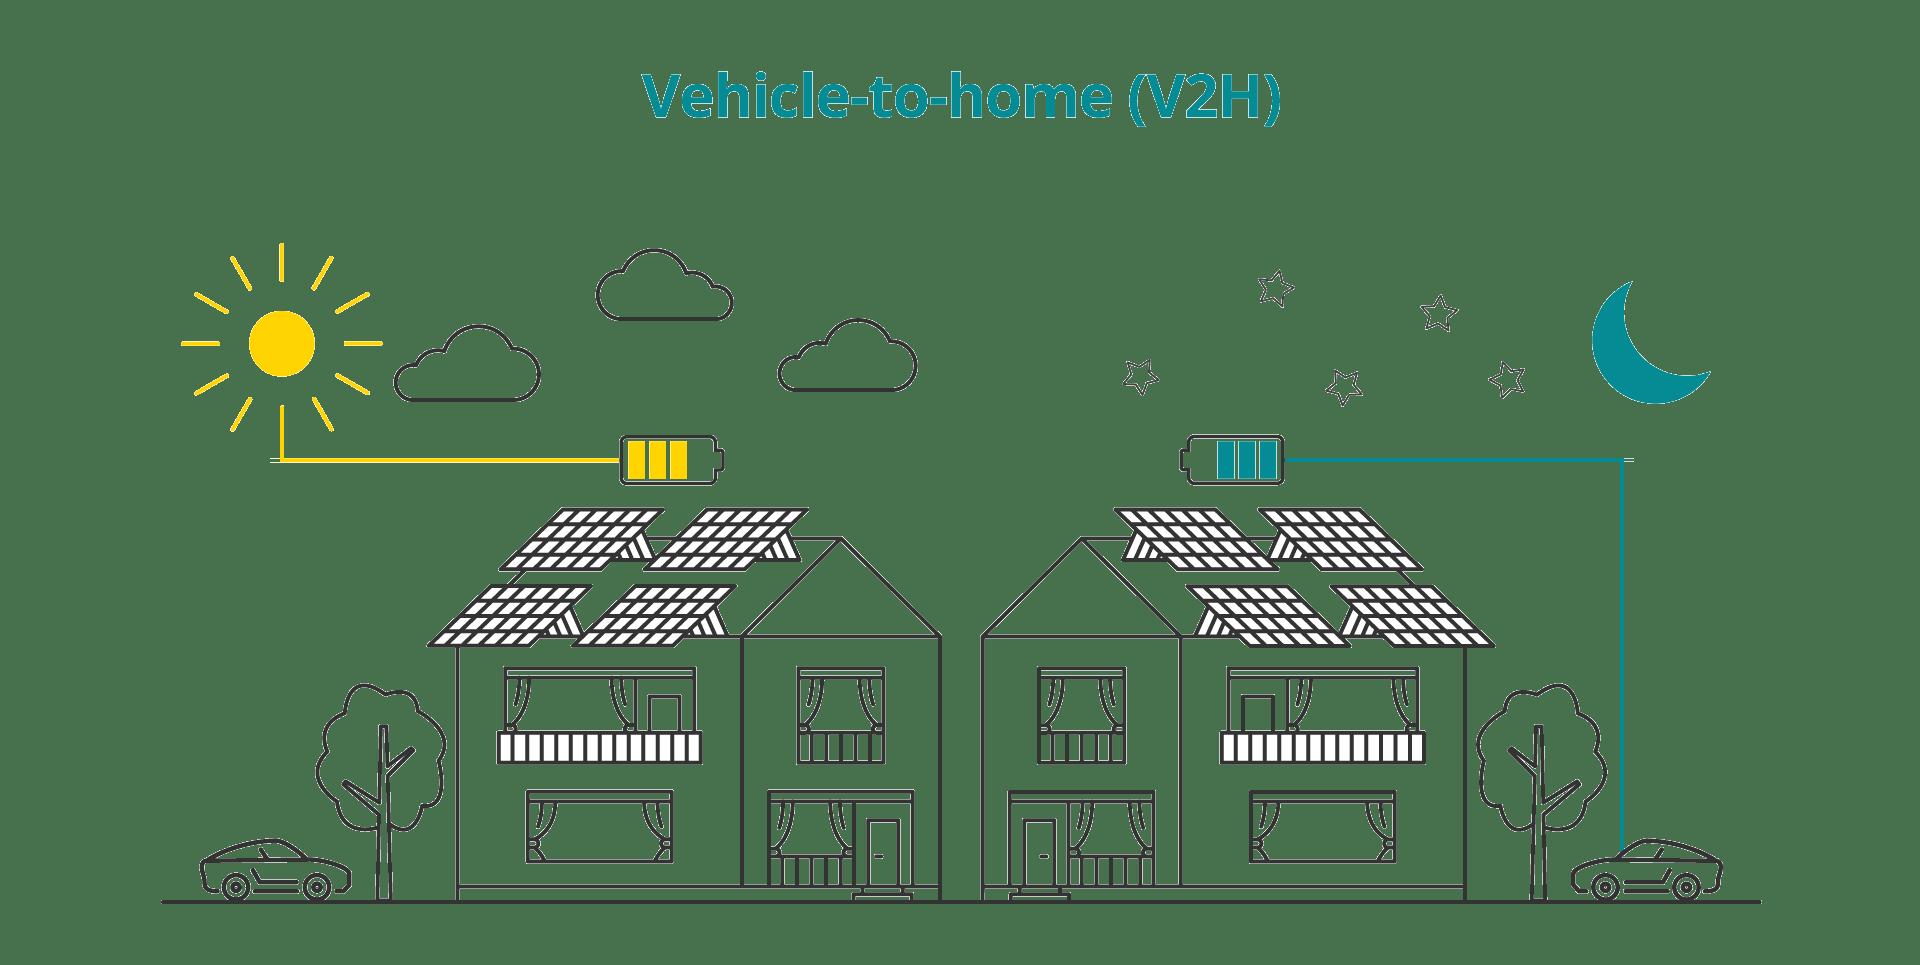 Beitragsgrafik für Vehicle-to-home